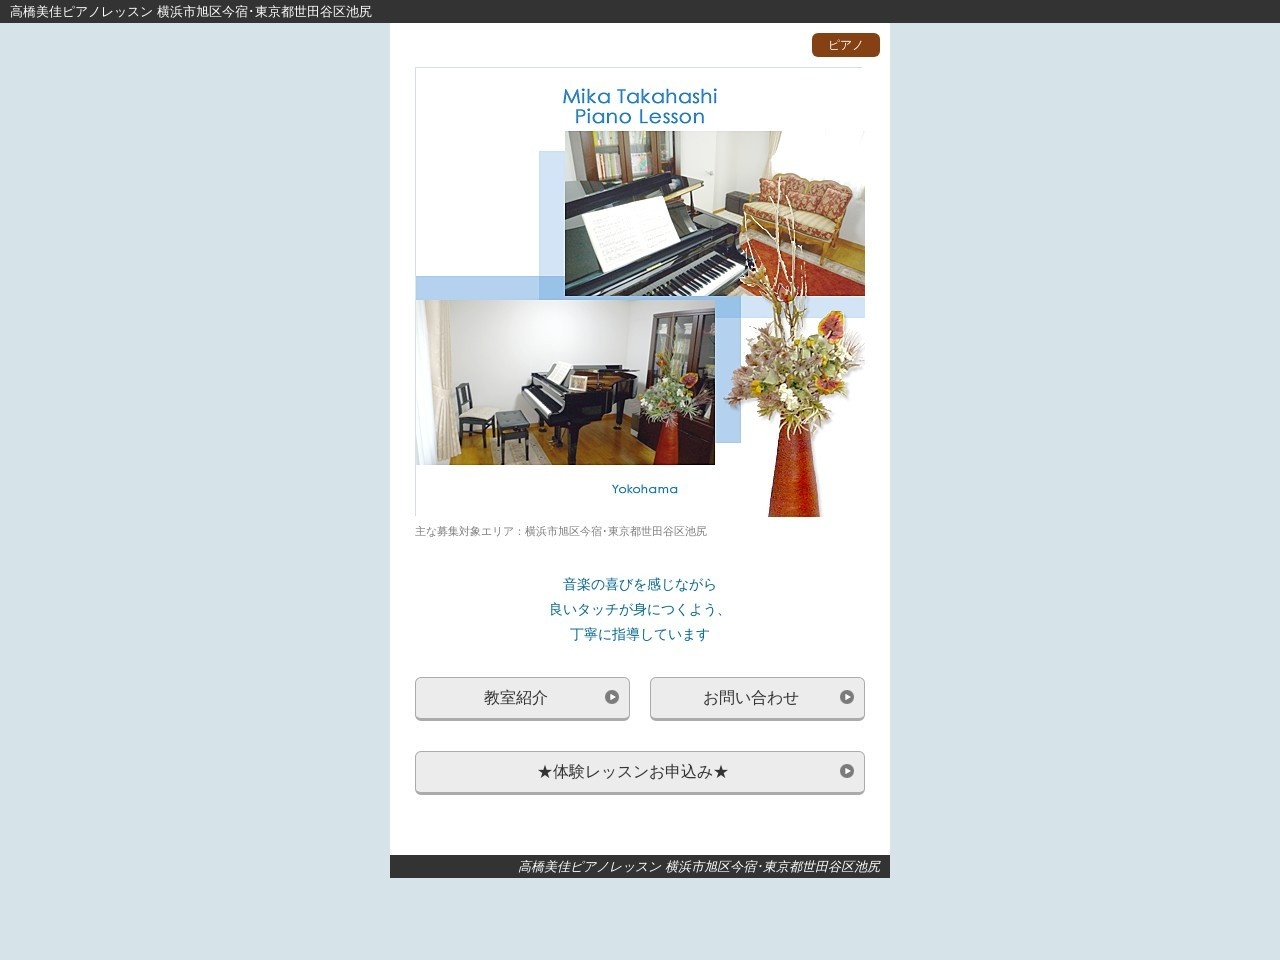 高橋美佳ピアノレッスンのサムネイル